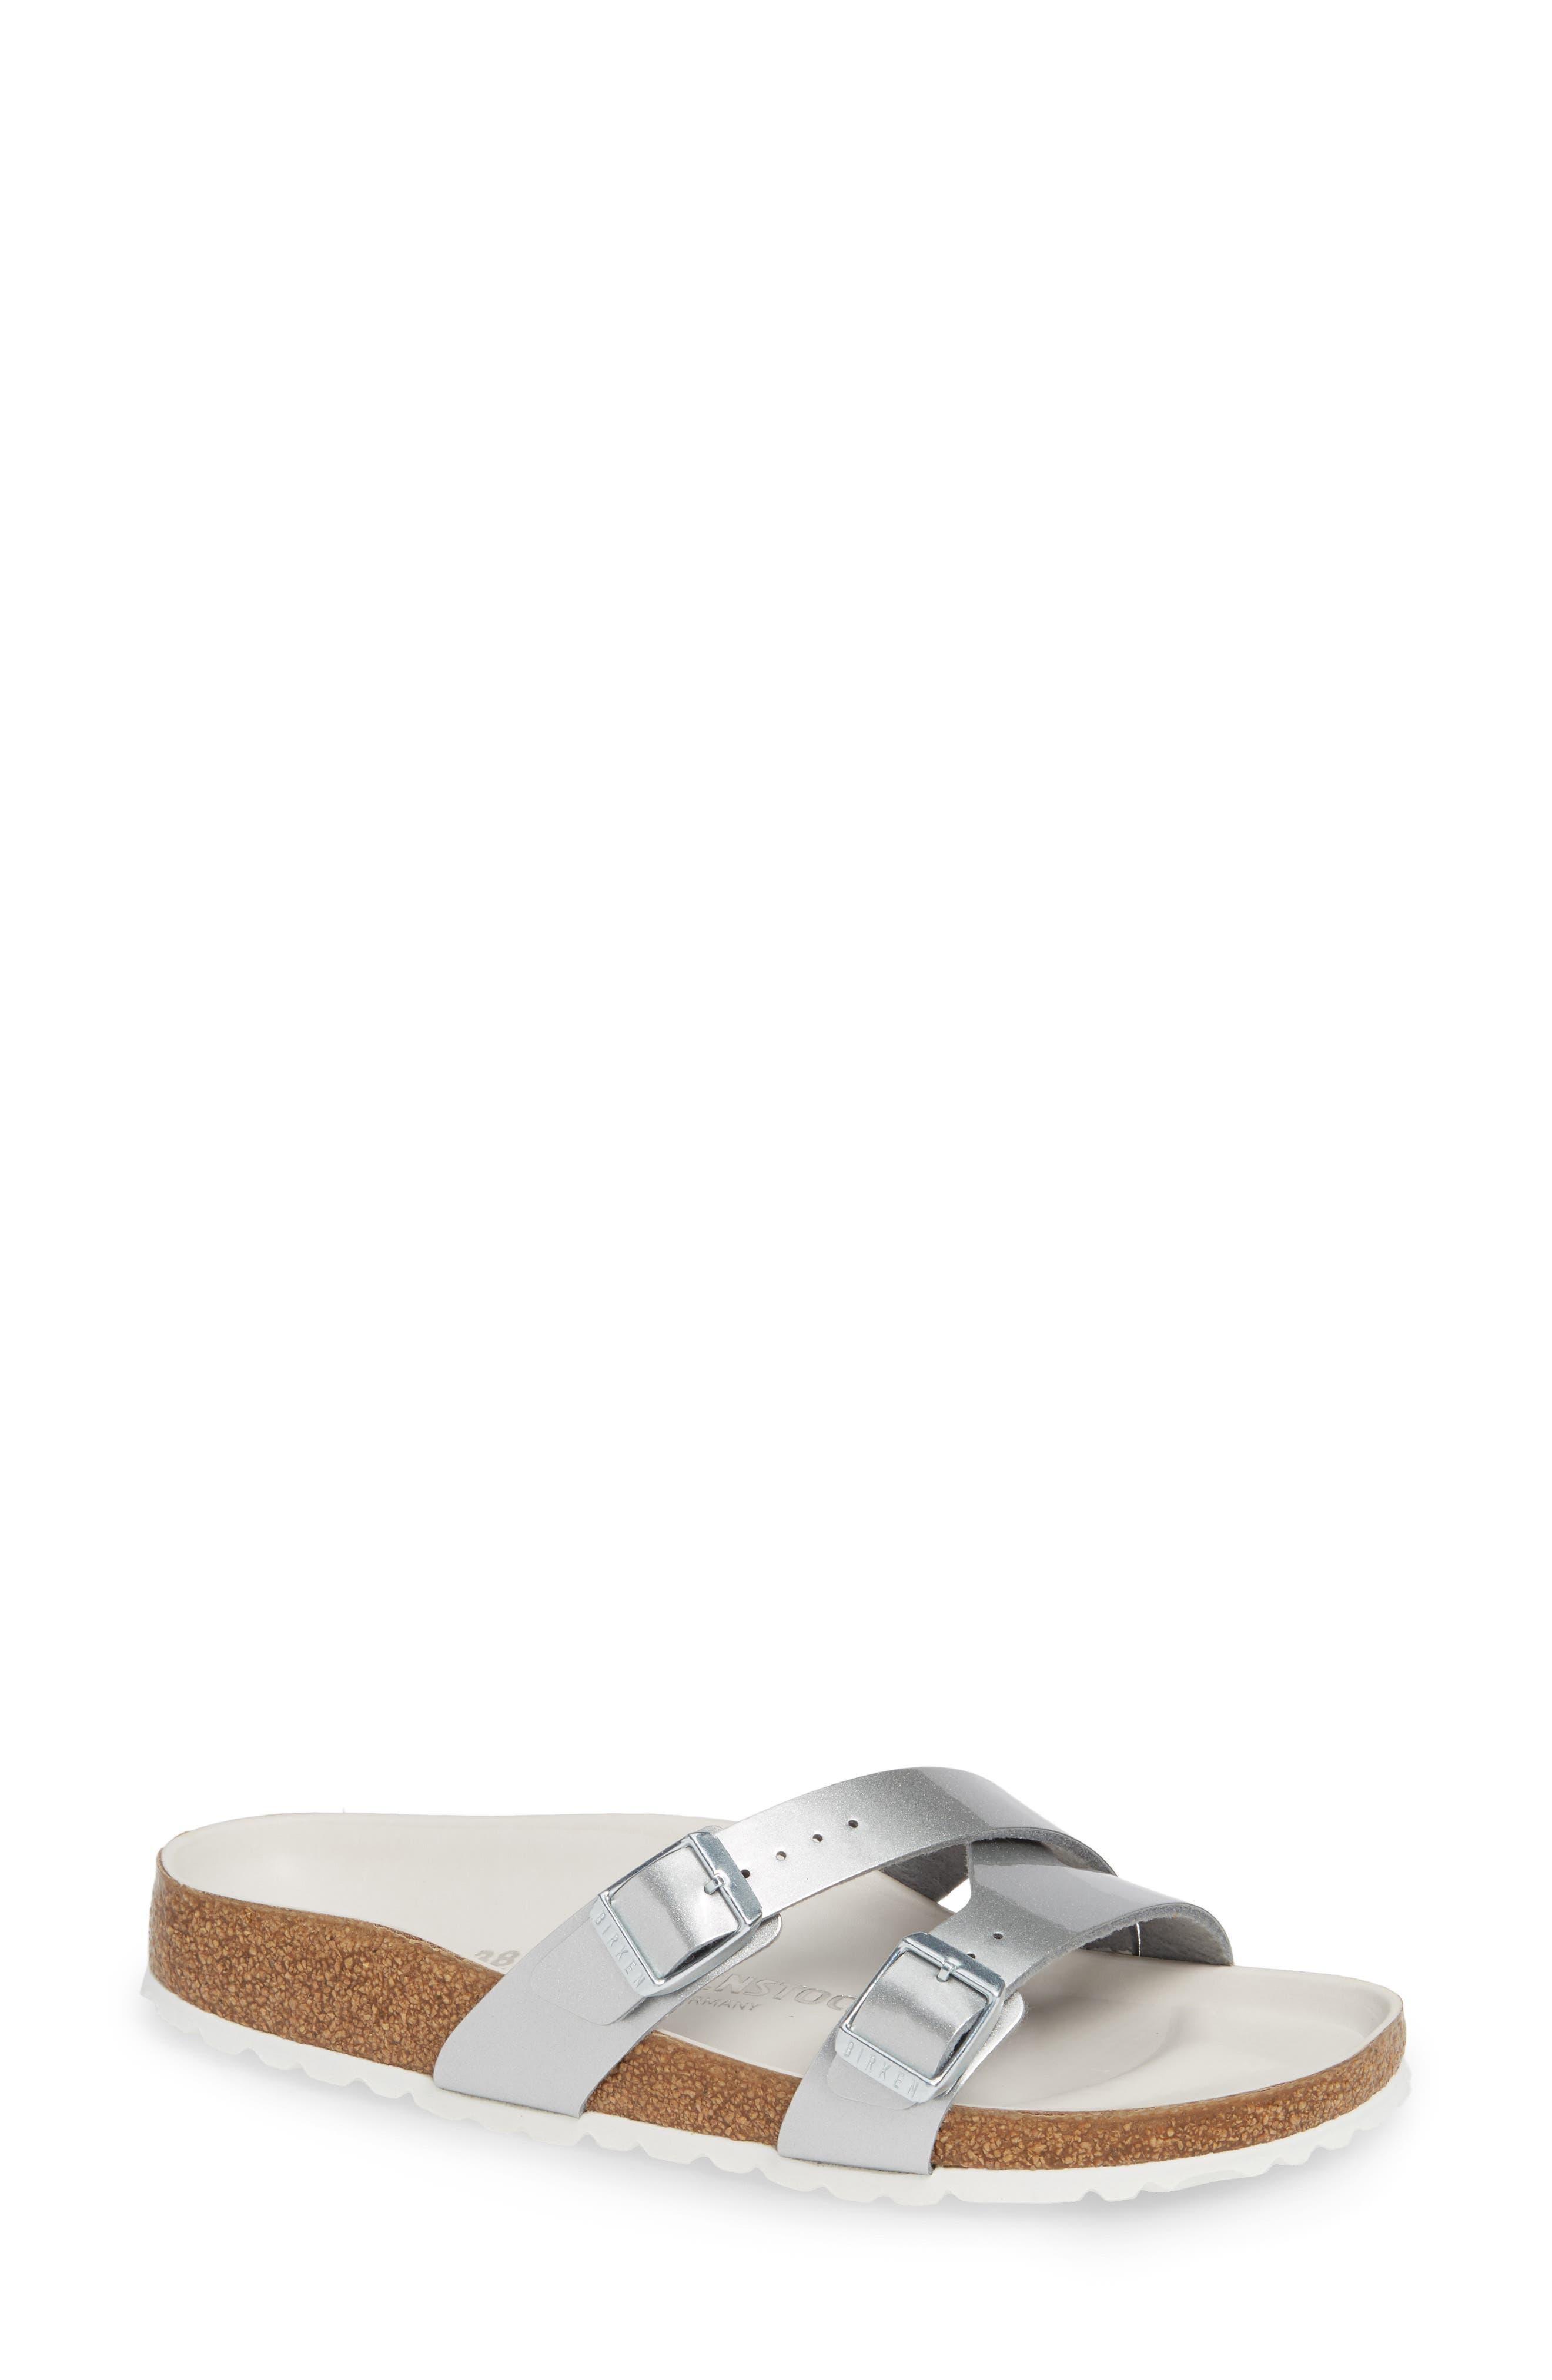 Birkenstock Yao Metallic Slide Sandal, Metallic